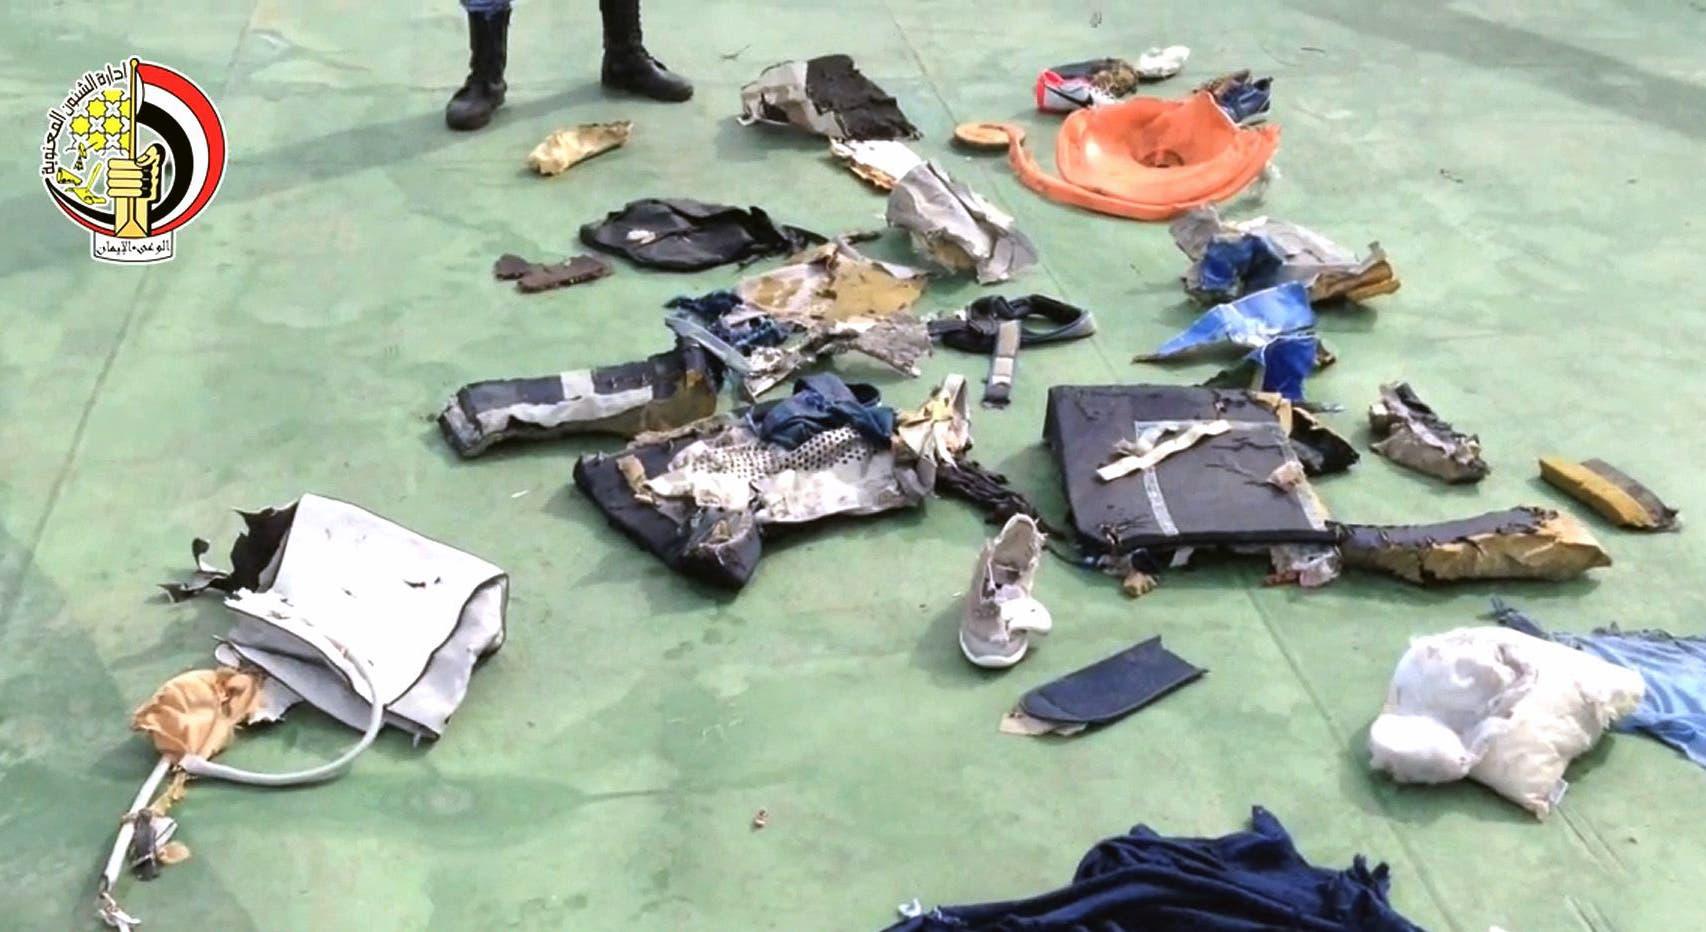 Обнародовано видео со страшными находками на месте катастроф.